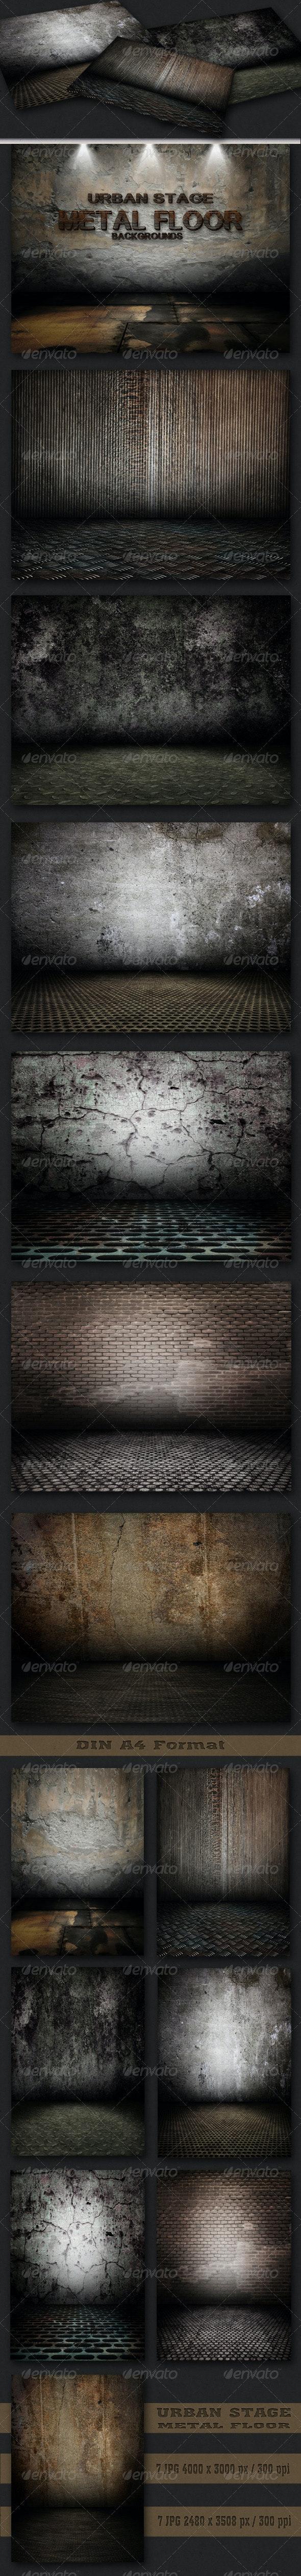 Urban Stage - Metal Floor Set - Urban Backgrounds